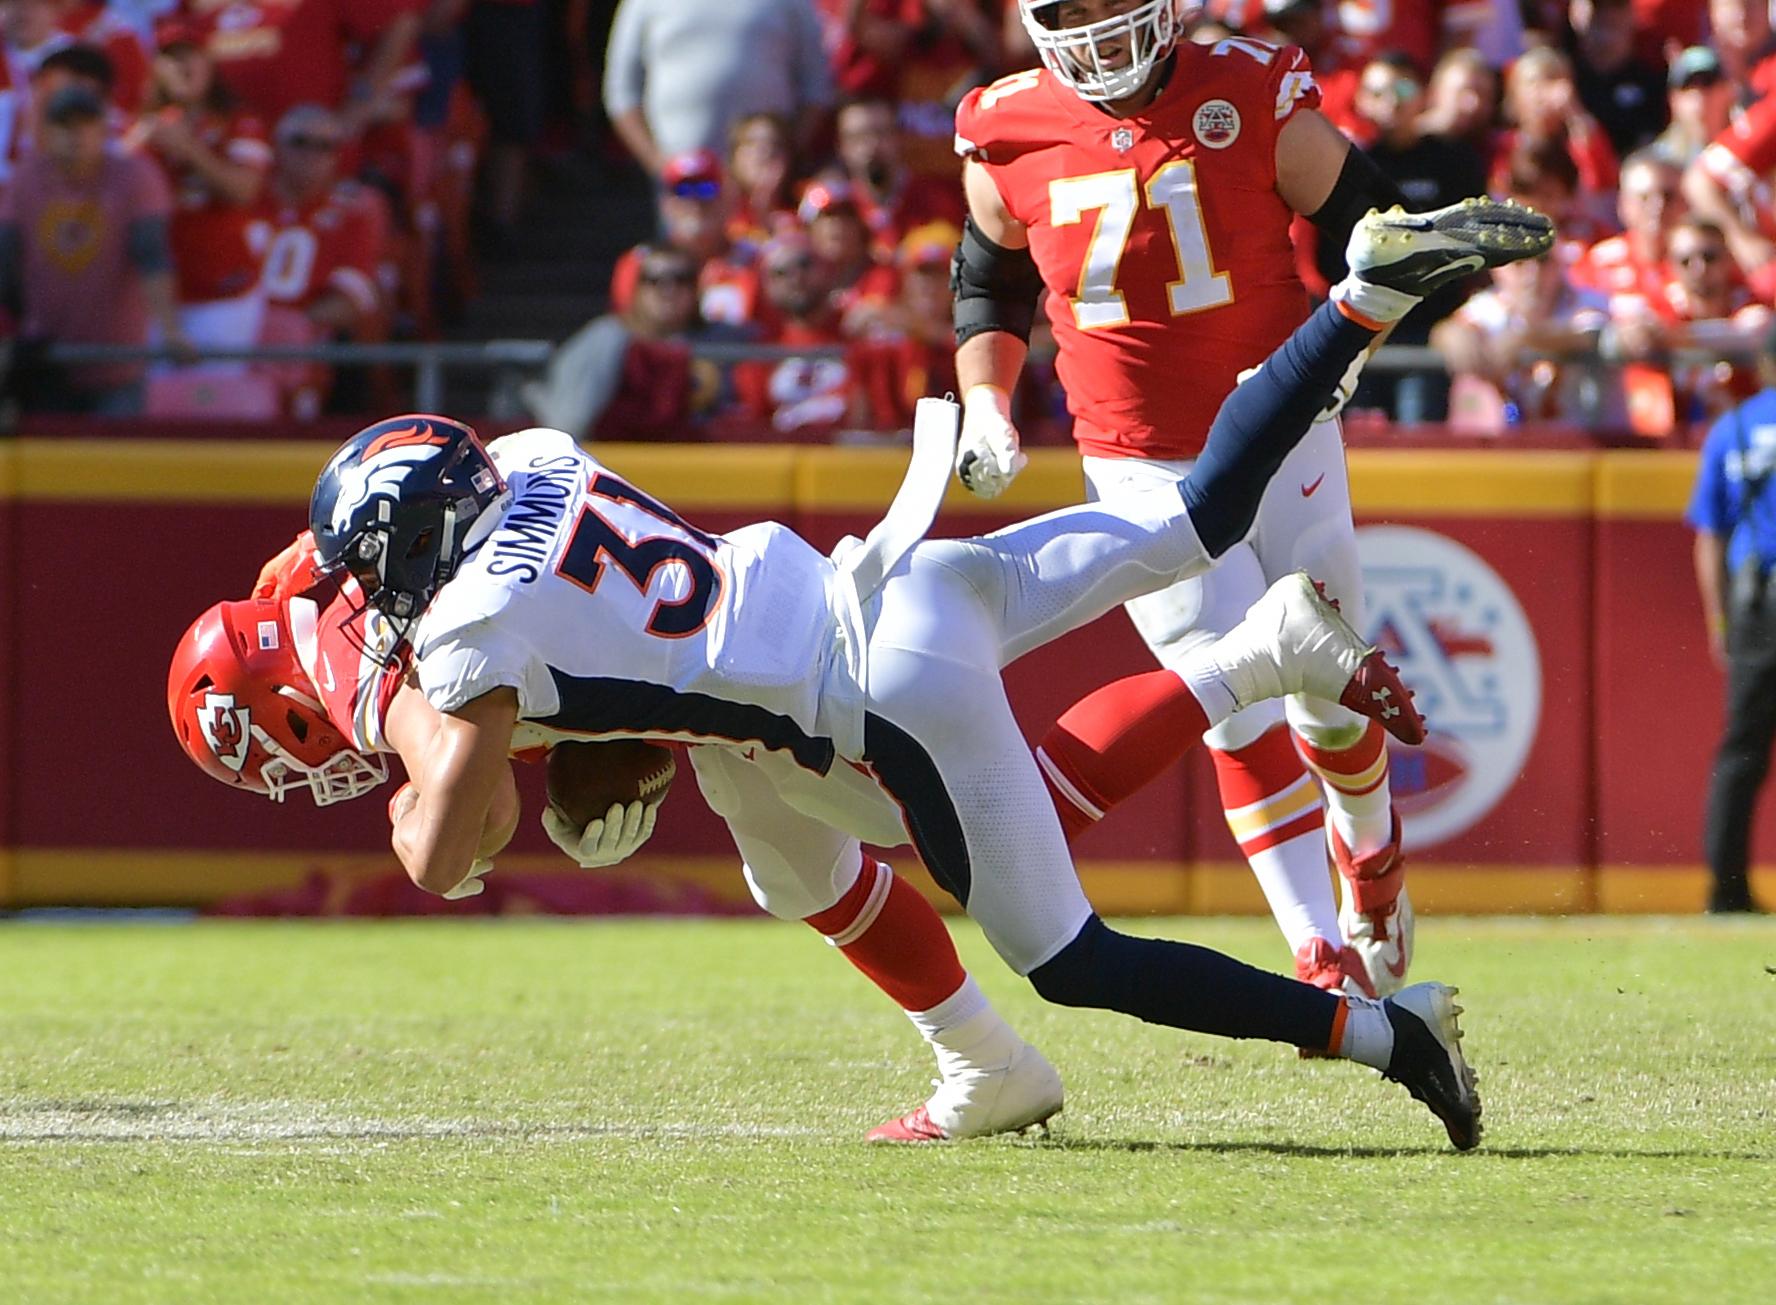 NFL: Denver Broncos at Kansas City Chiefs